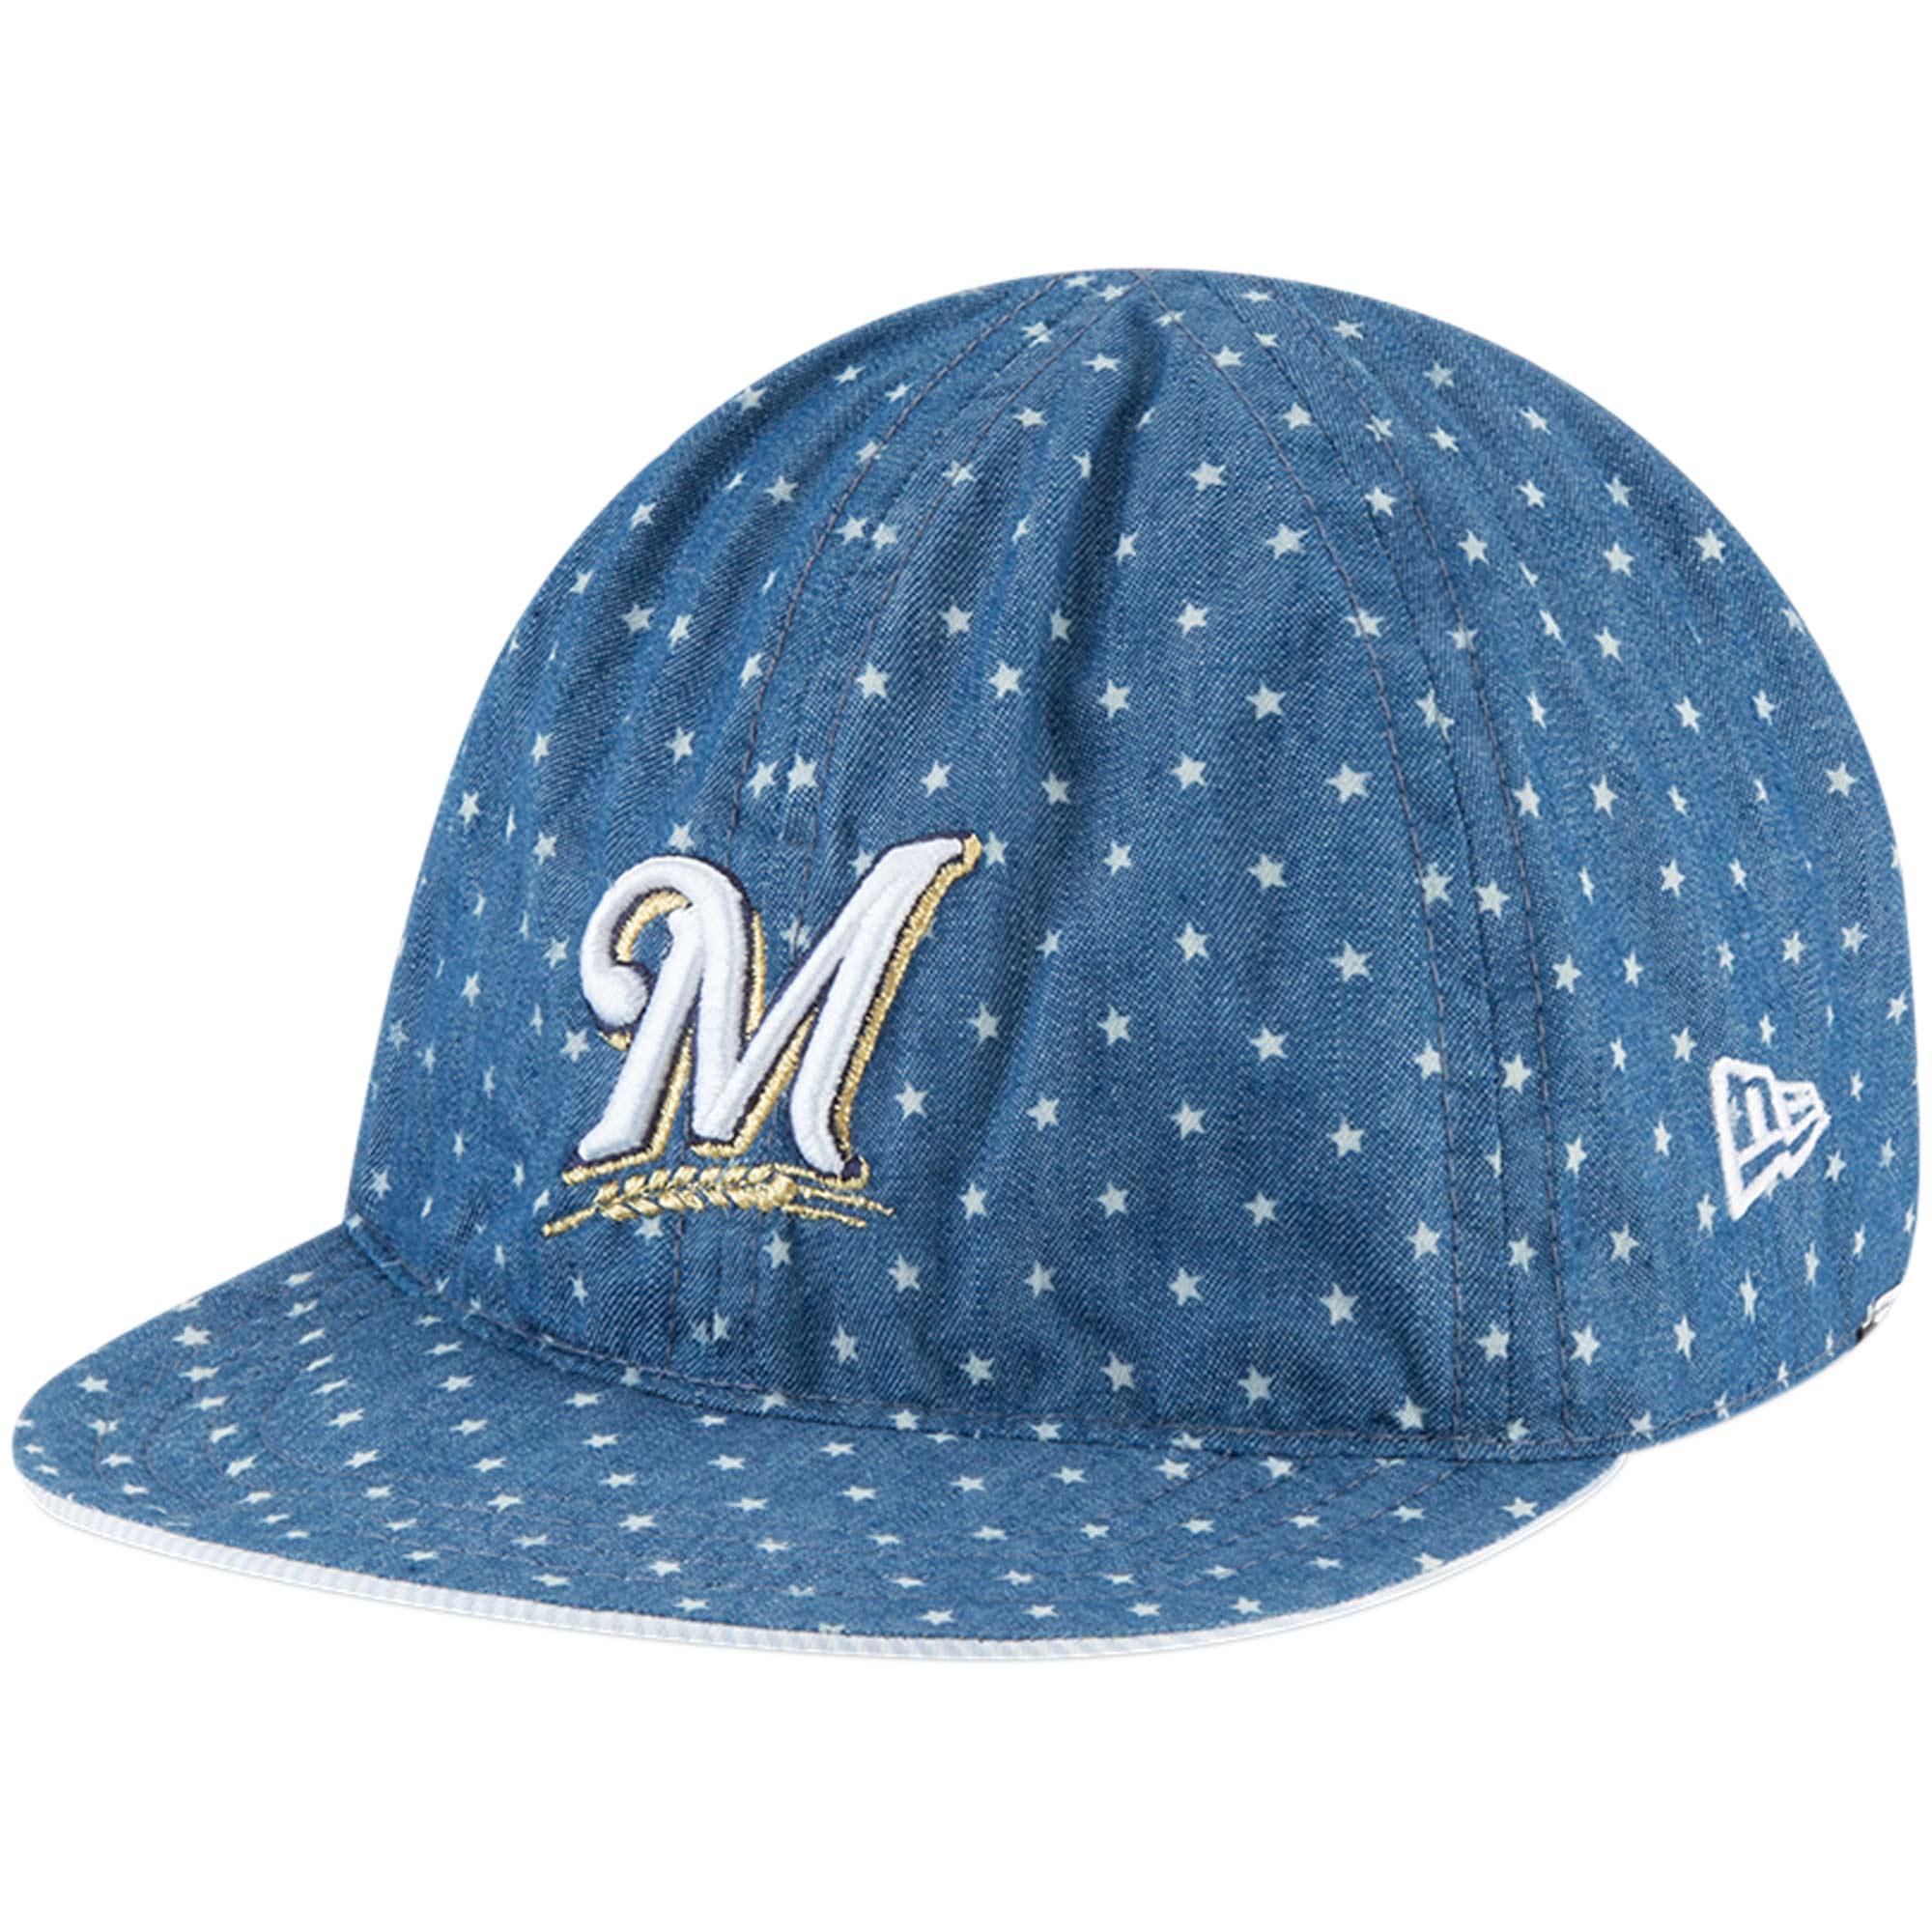 Milwaukee Brewers New Era Toddler Flip 9TWENTY Adjustable Hat - Denim